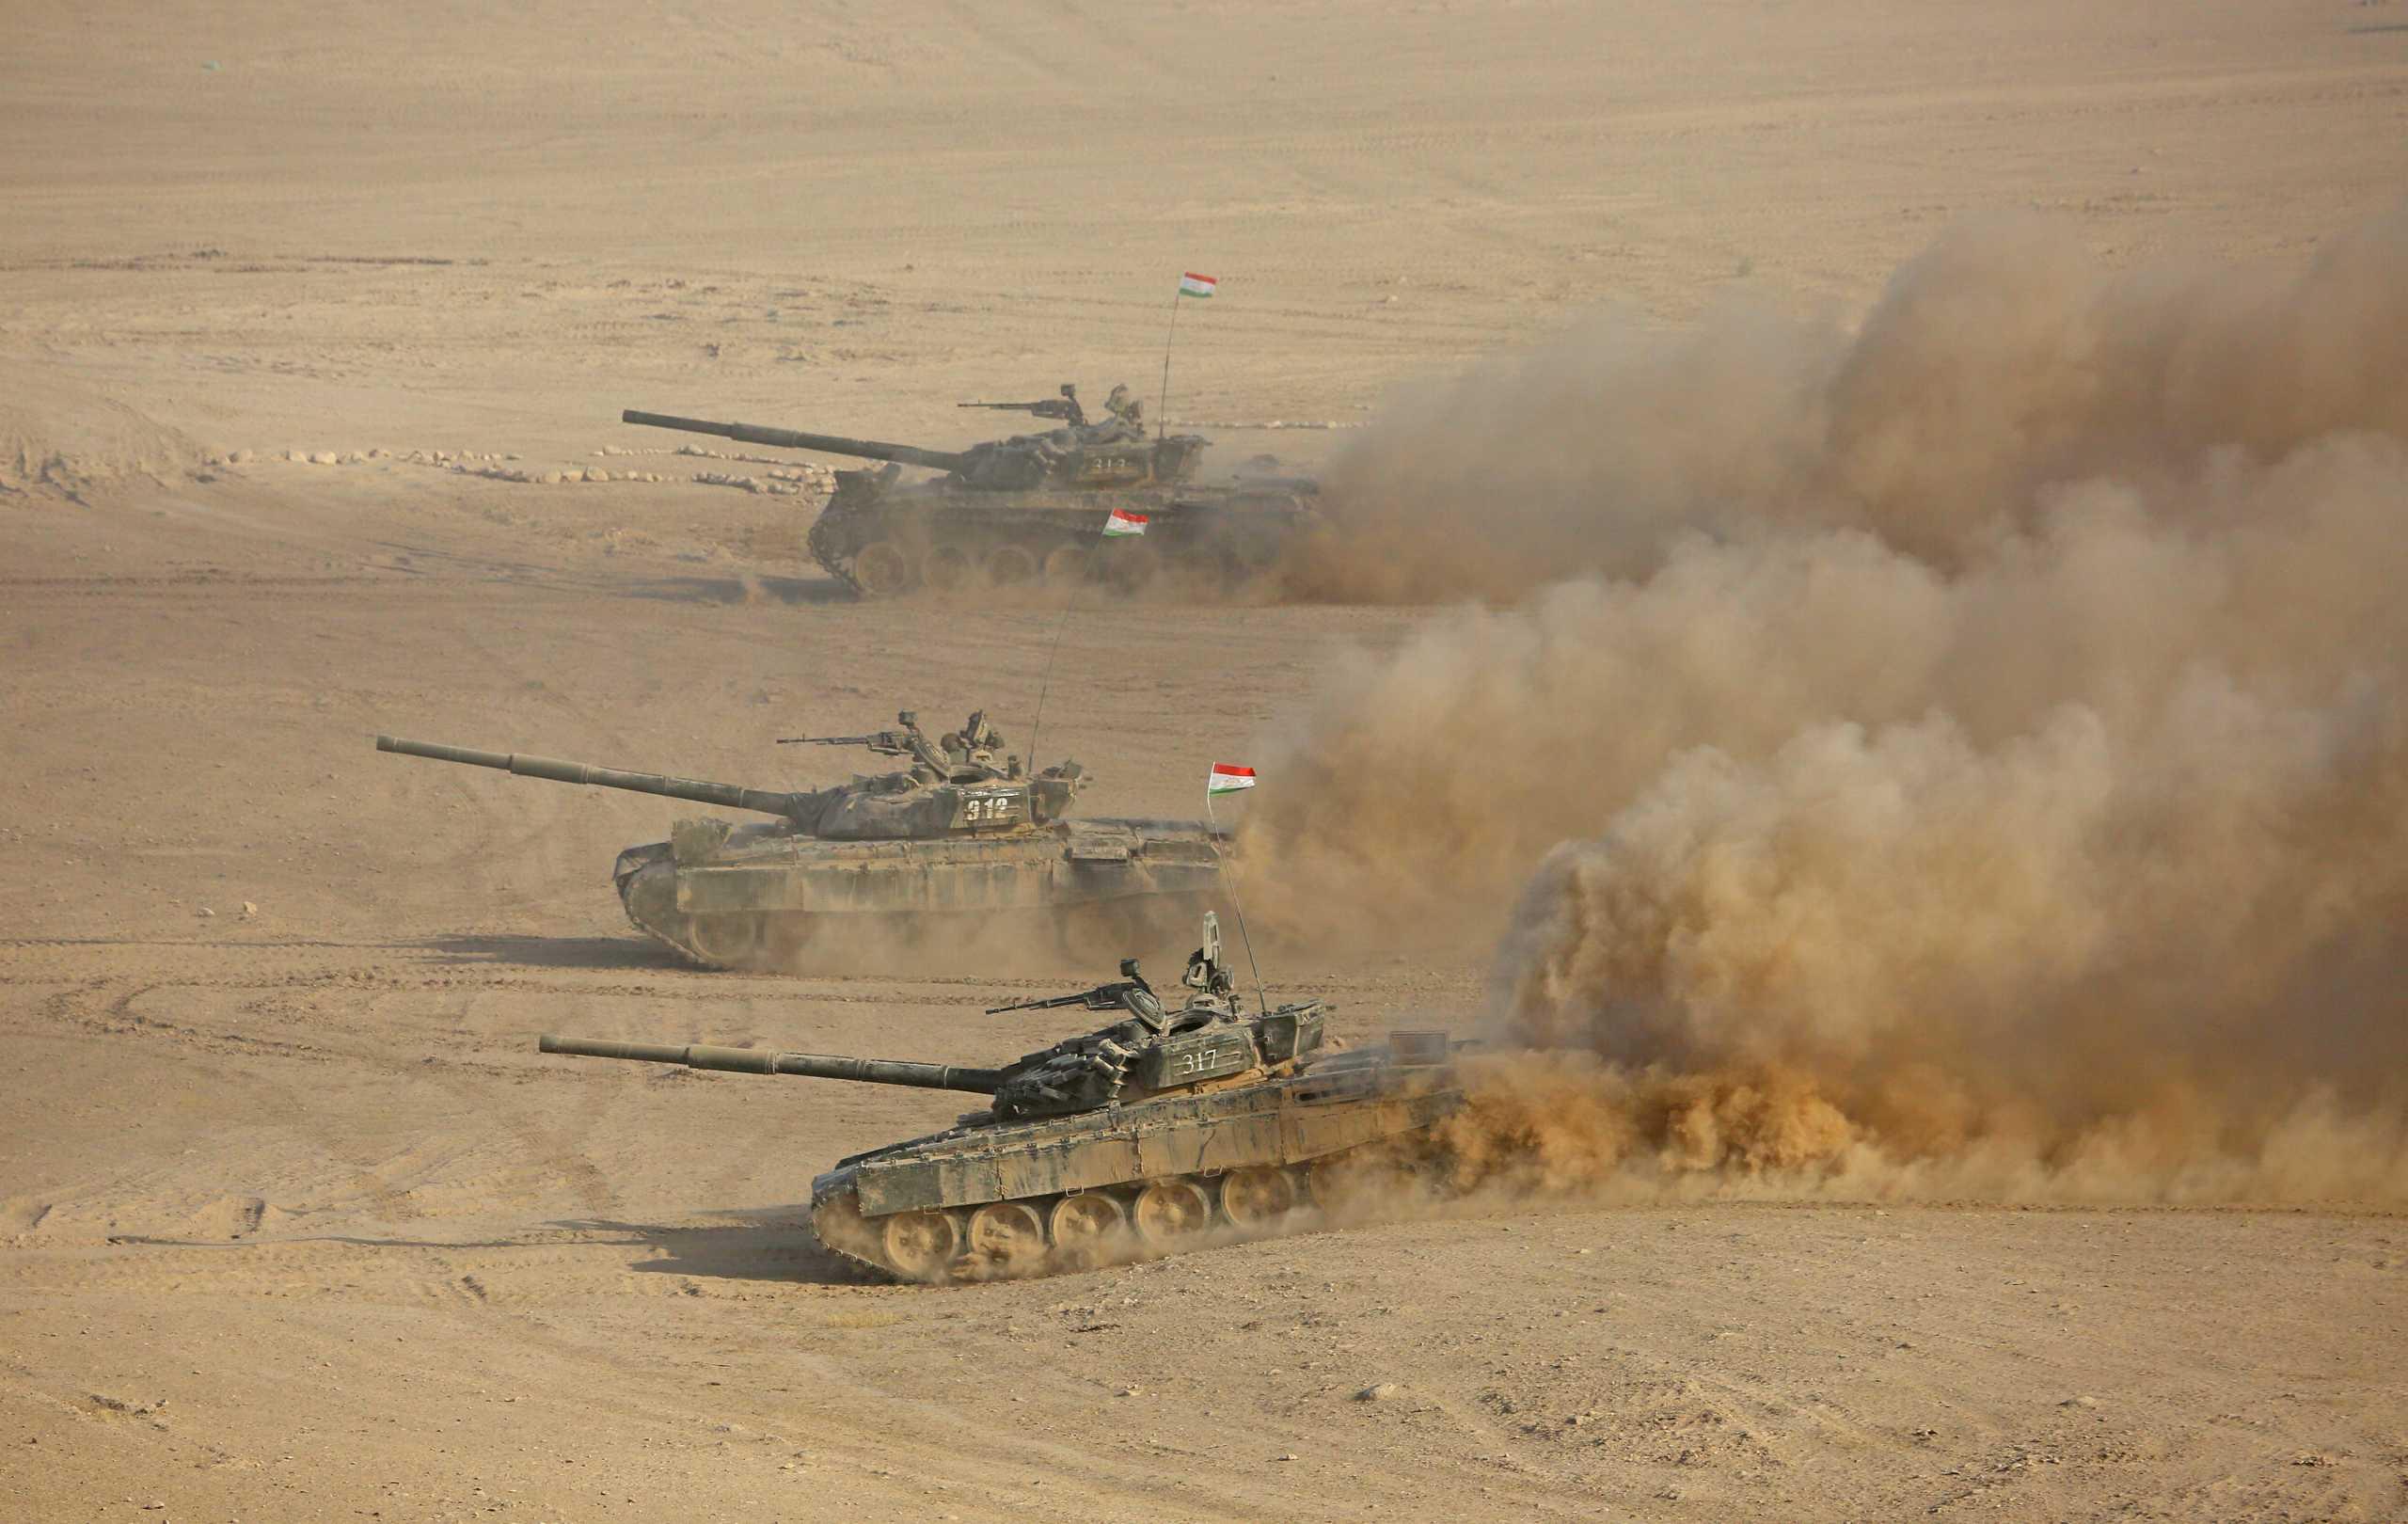 «Σε ετοιμότητα» η Ρωσία: Διεξάγει νέα στρατιωτικά γυμνάσια στο Τατζικιστάν